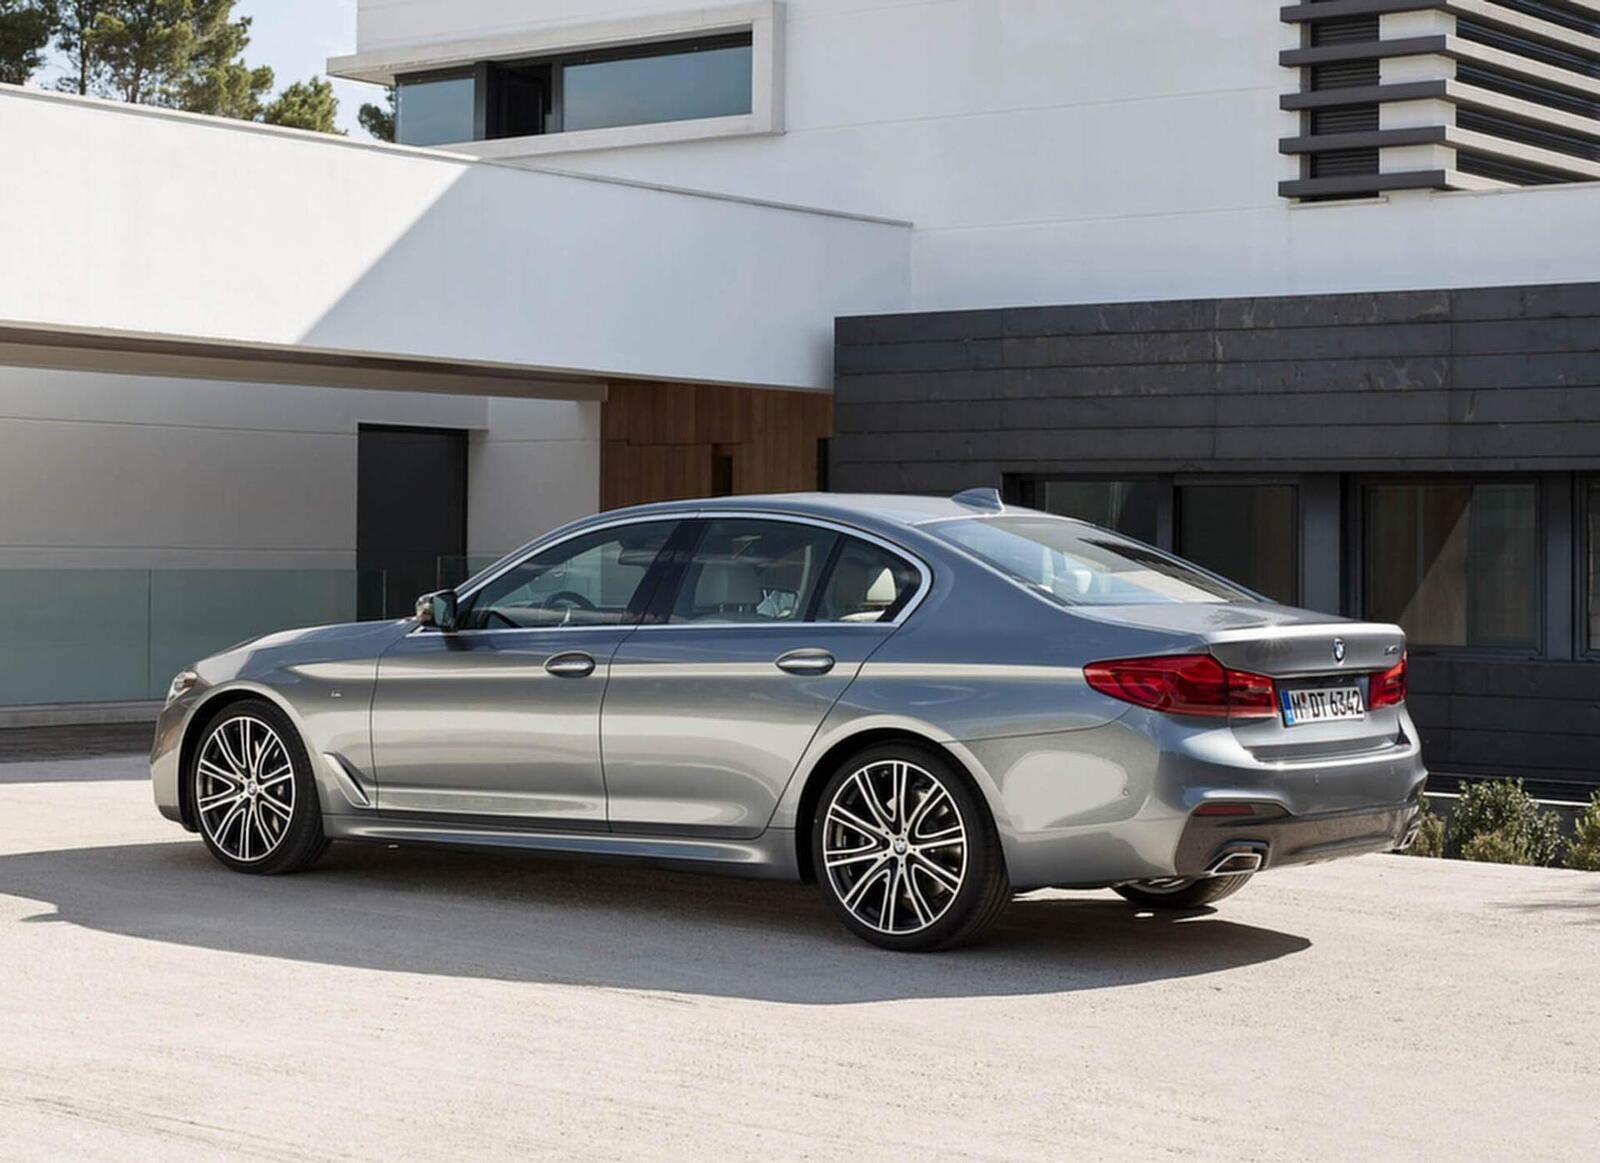 BMW 5 Series thế hệ hoàn toàn mới xuất hiện tại Hà Nội - Hình 9